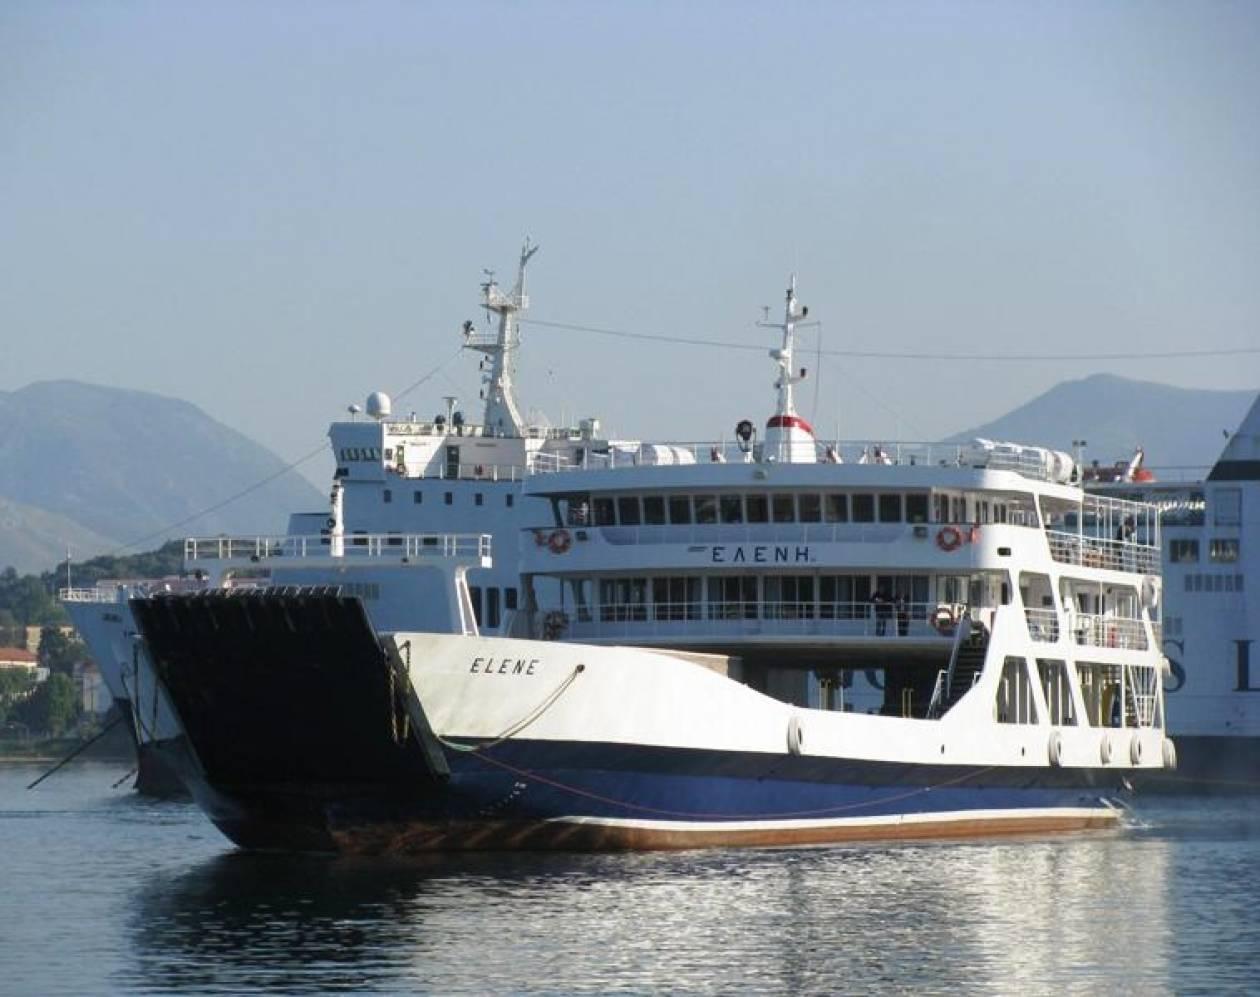 Μηχανική βλάβη στο επιβατικό πλοίο «Ελένη» στην Κέρκυρα